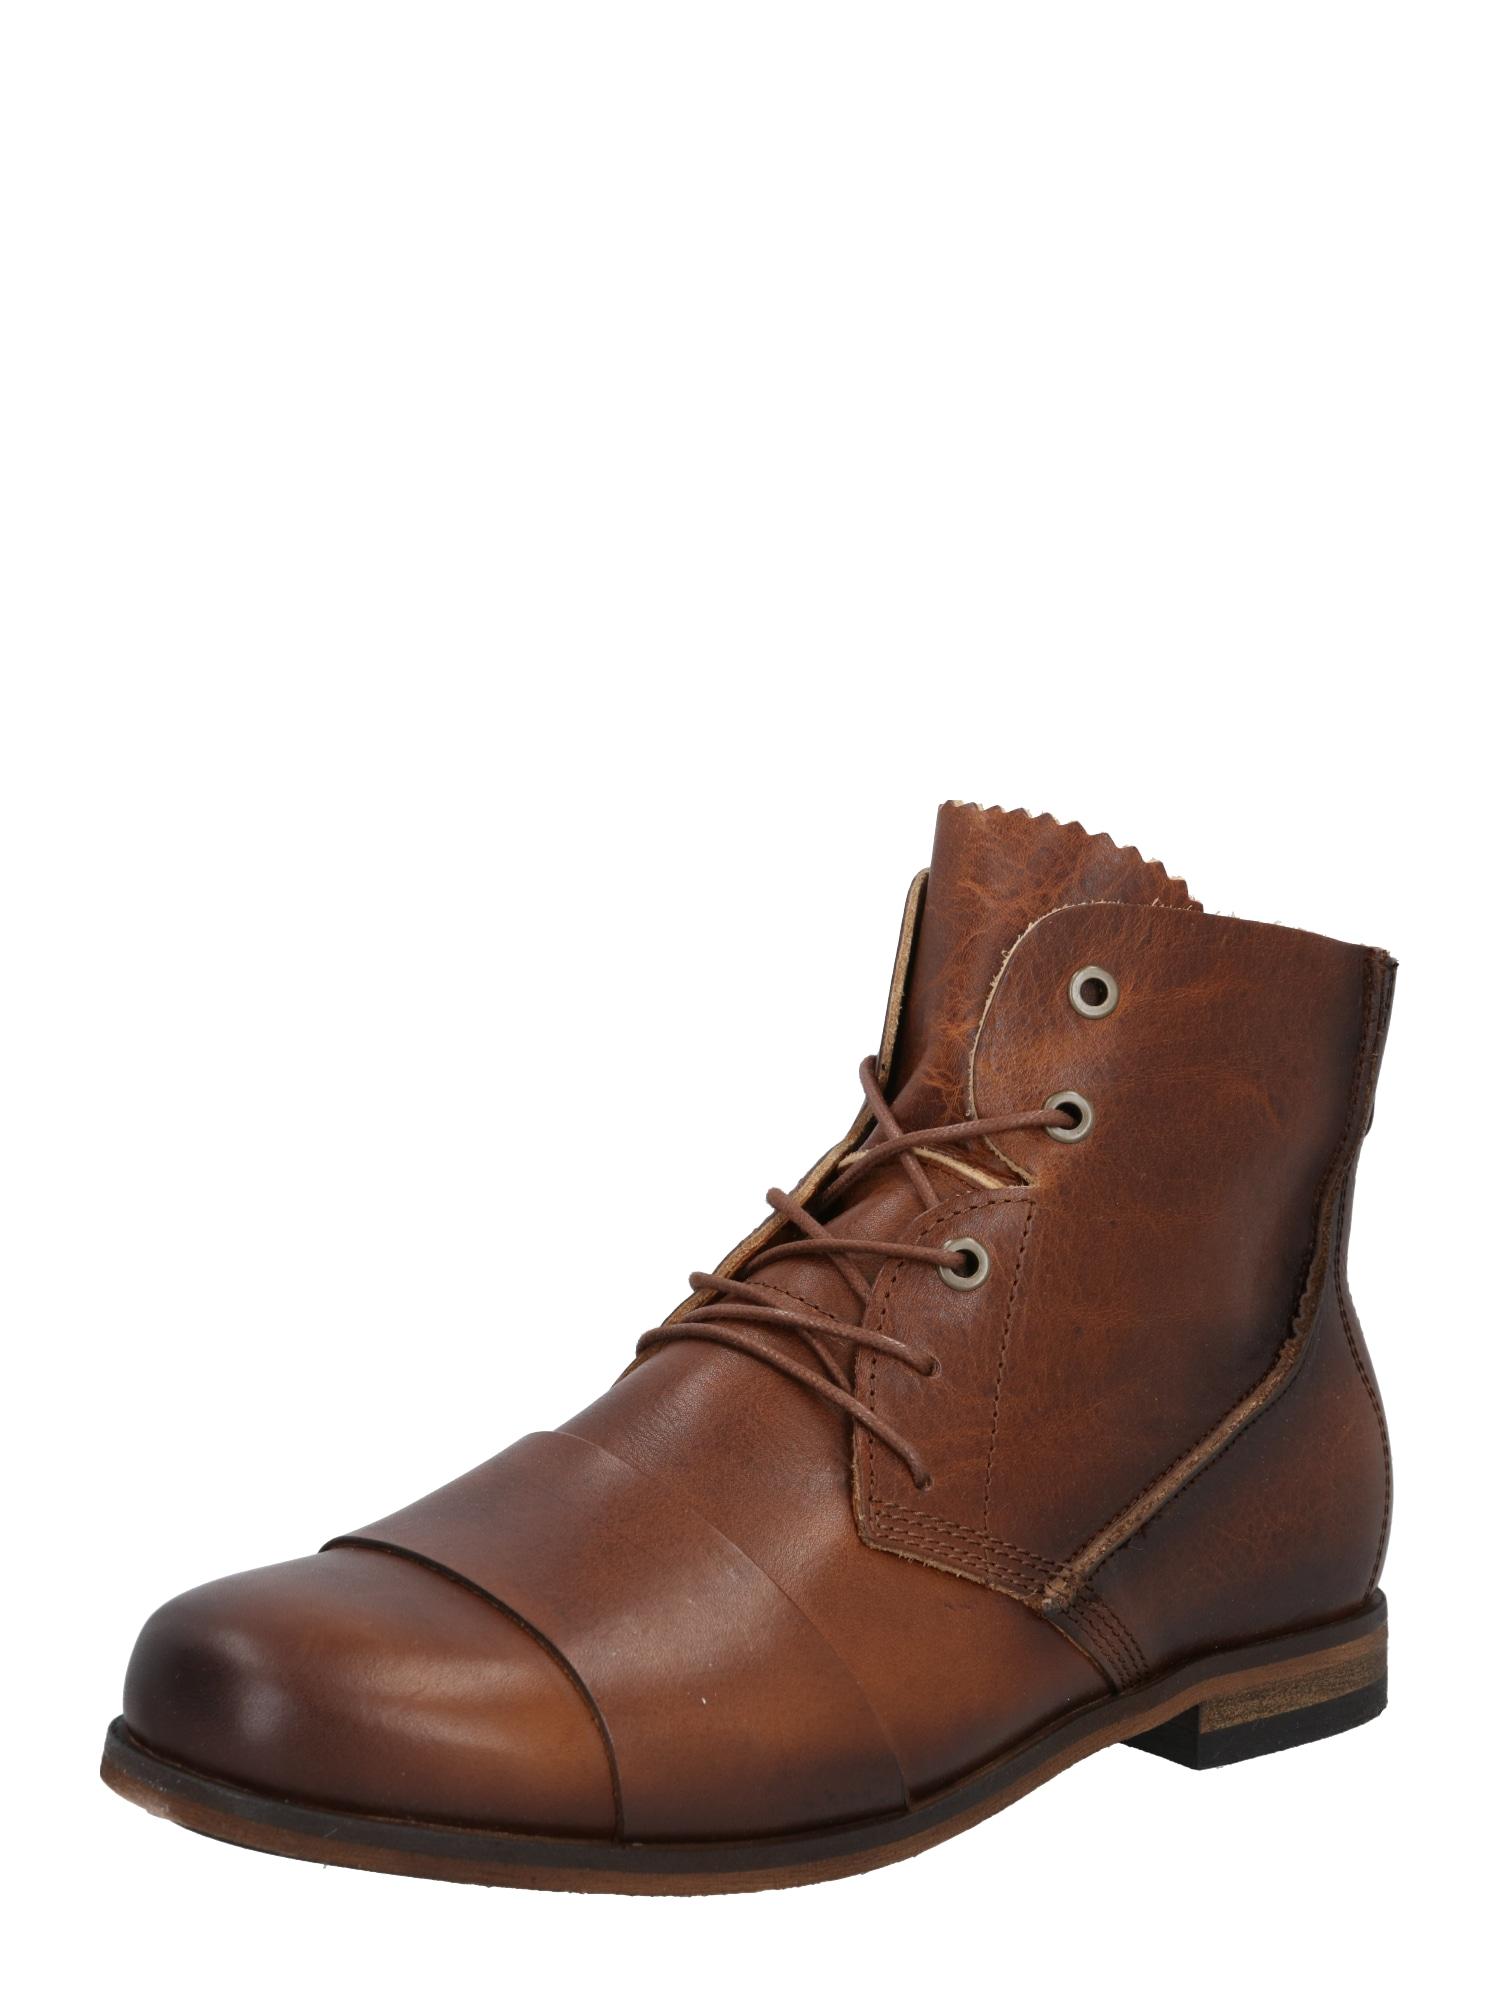 HUB Auliniai batai su raišteliais ruda (konjako)